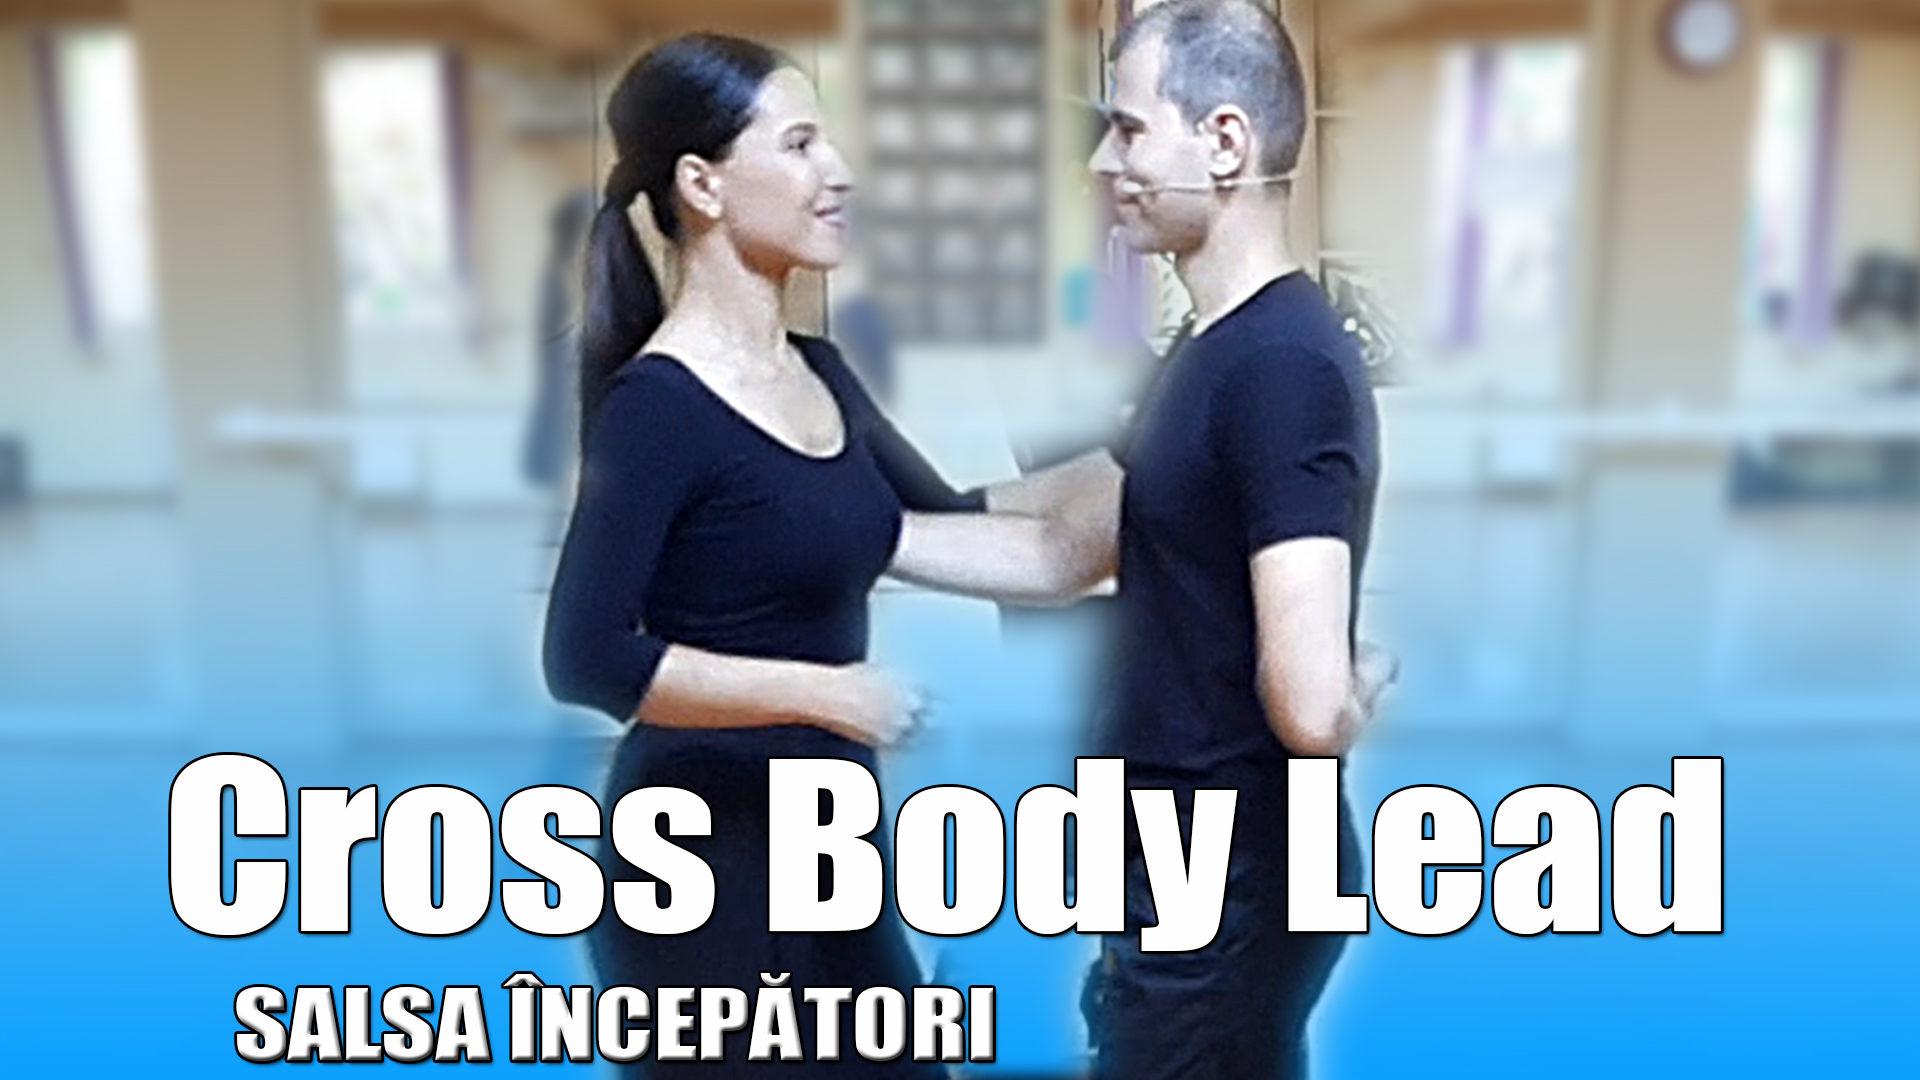 Cross Body Lead